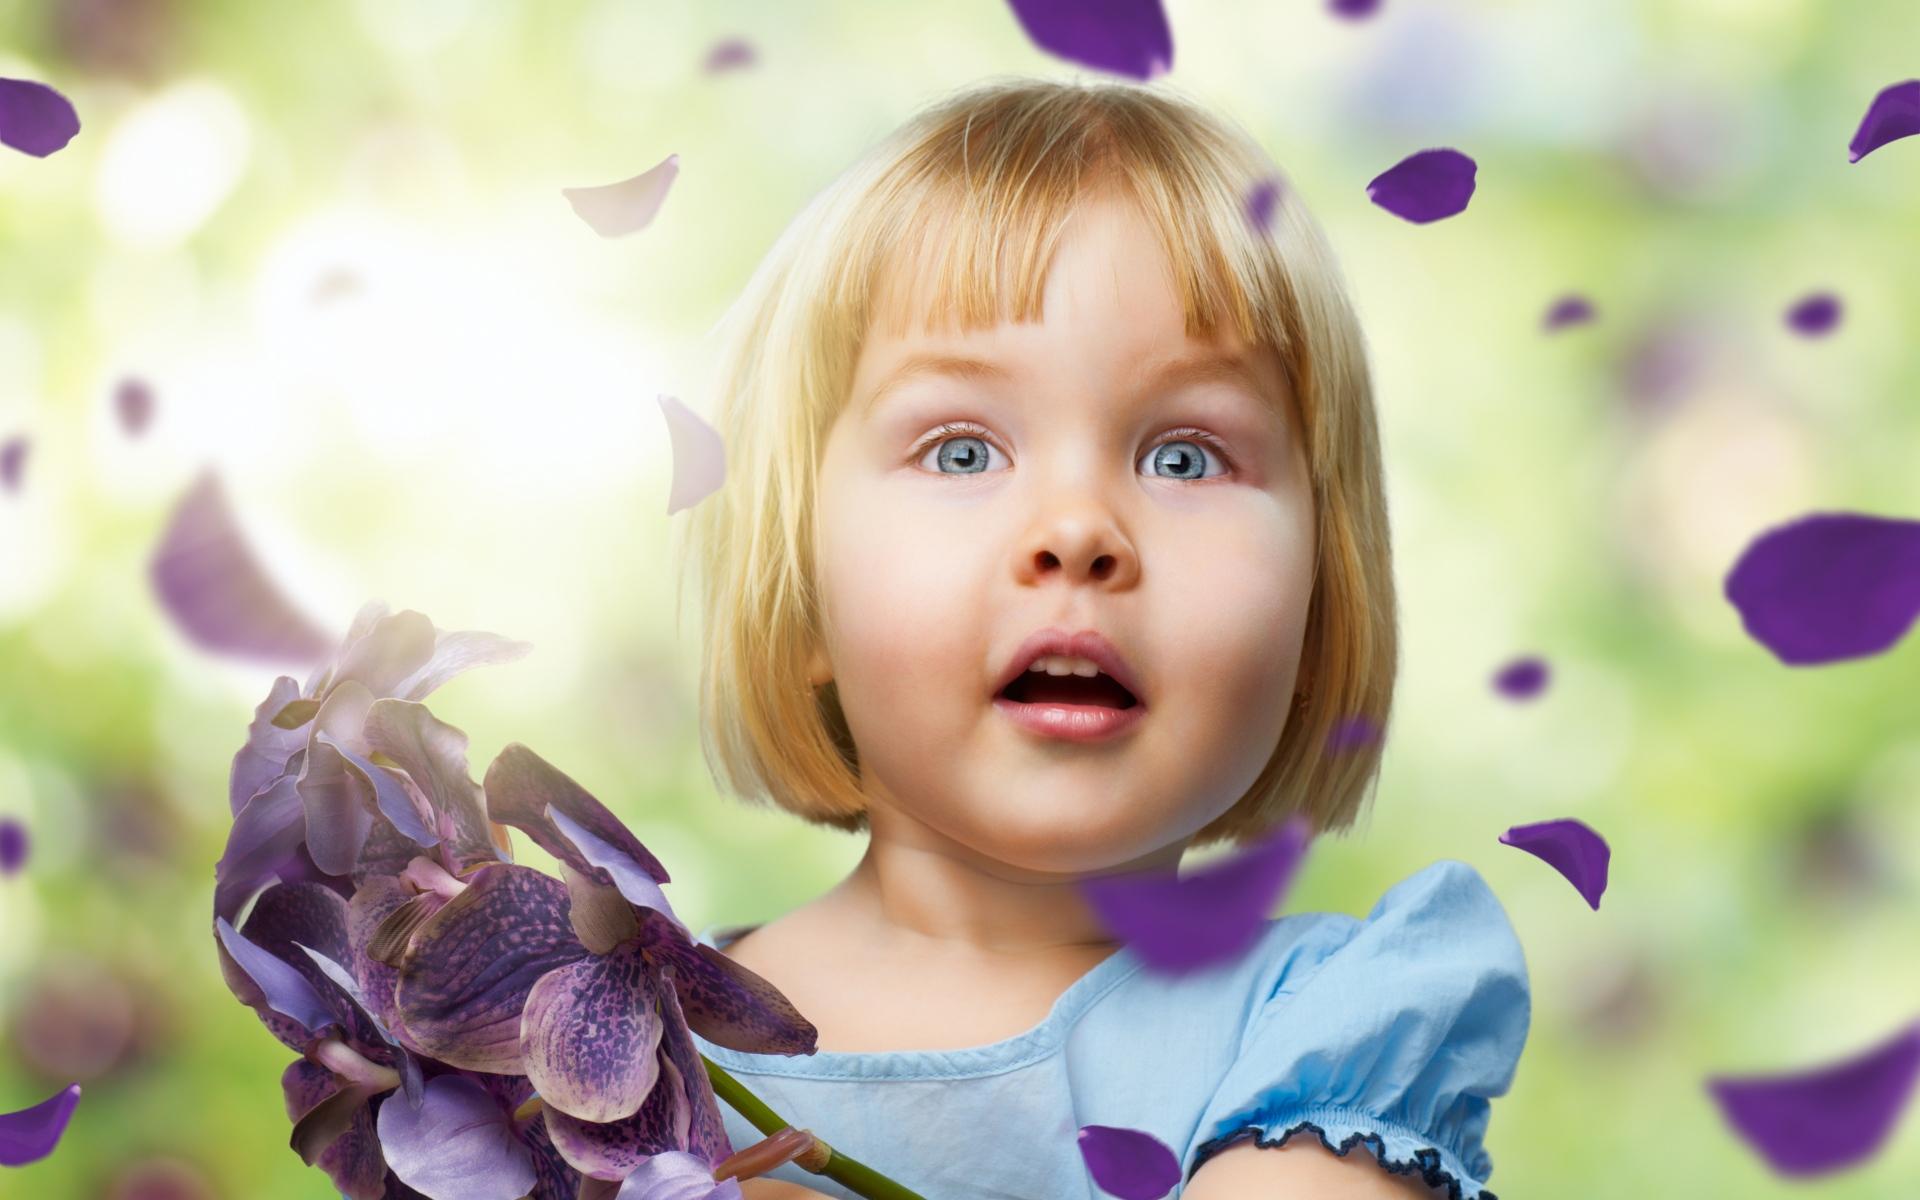 Картинки Девушка, ребенок, лепестки, полет фото и обои на рабочий стол